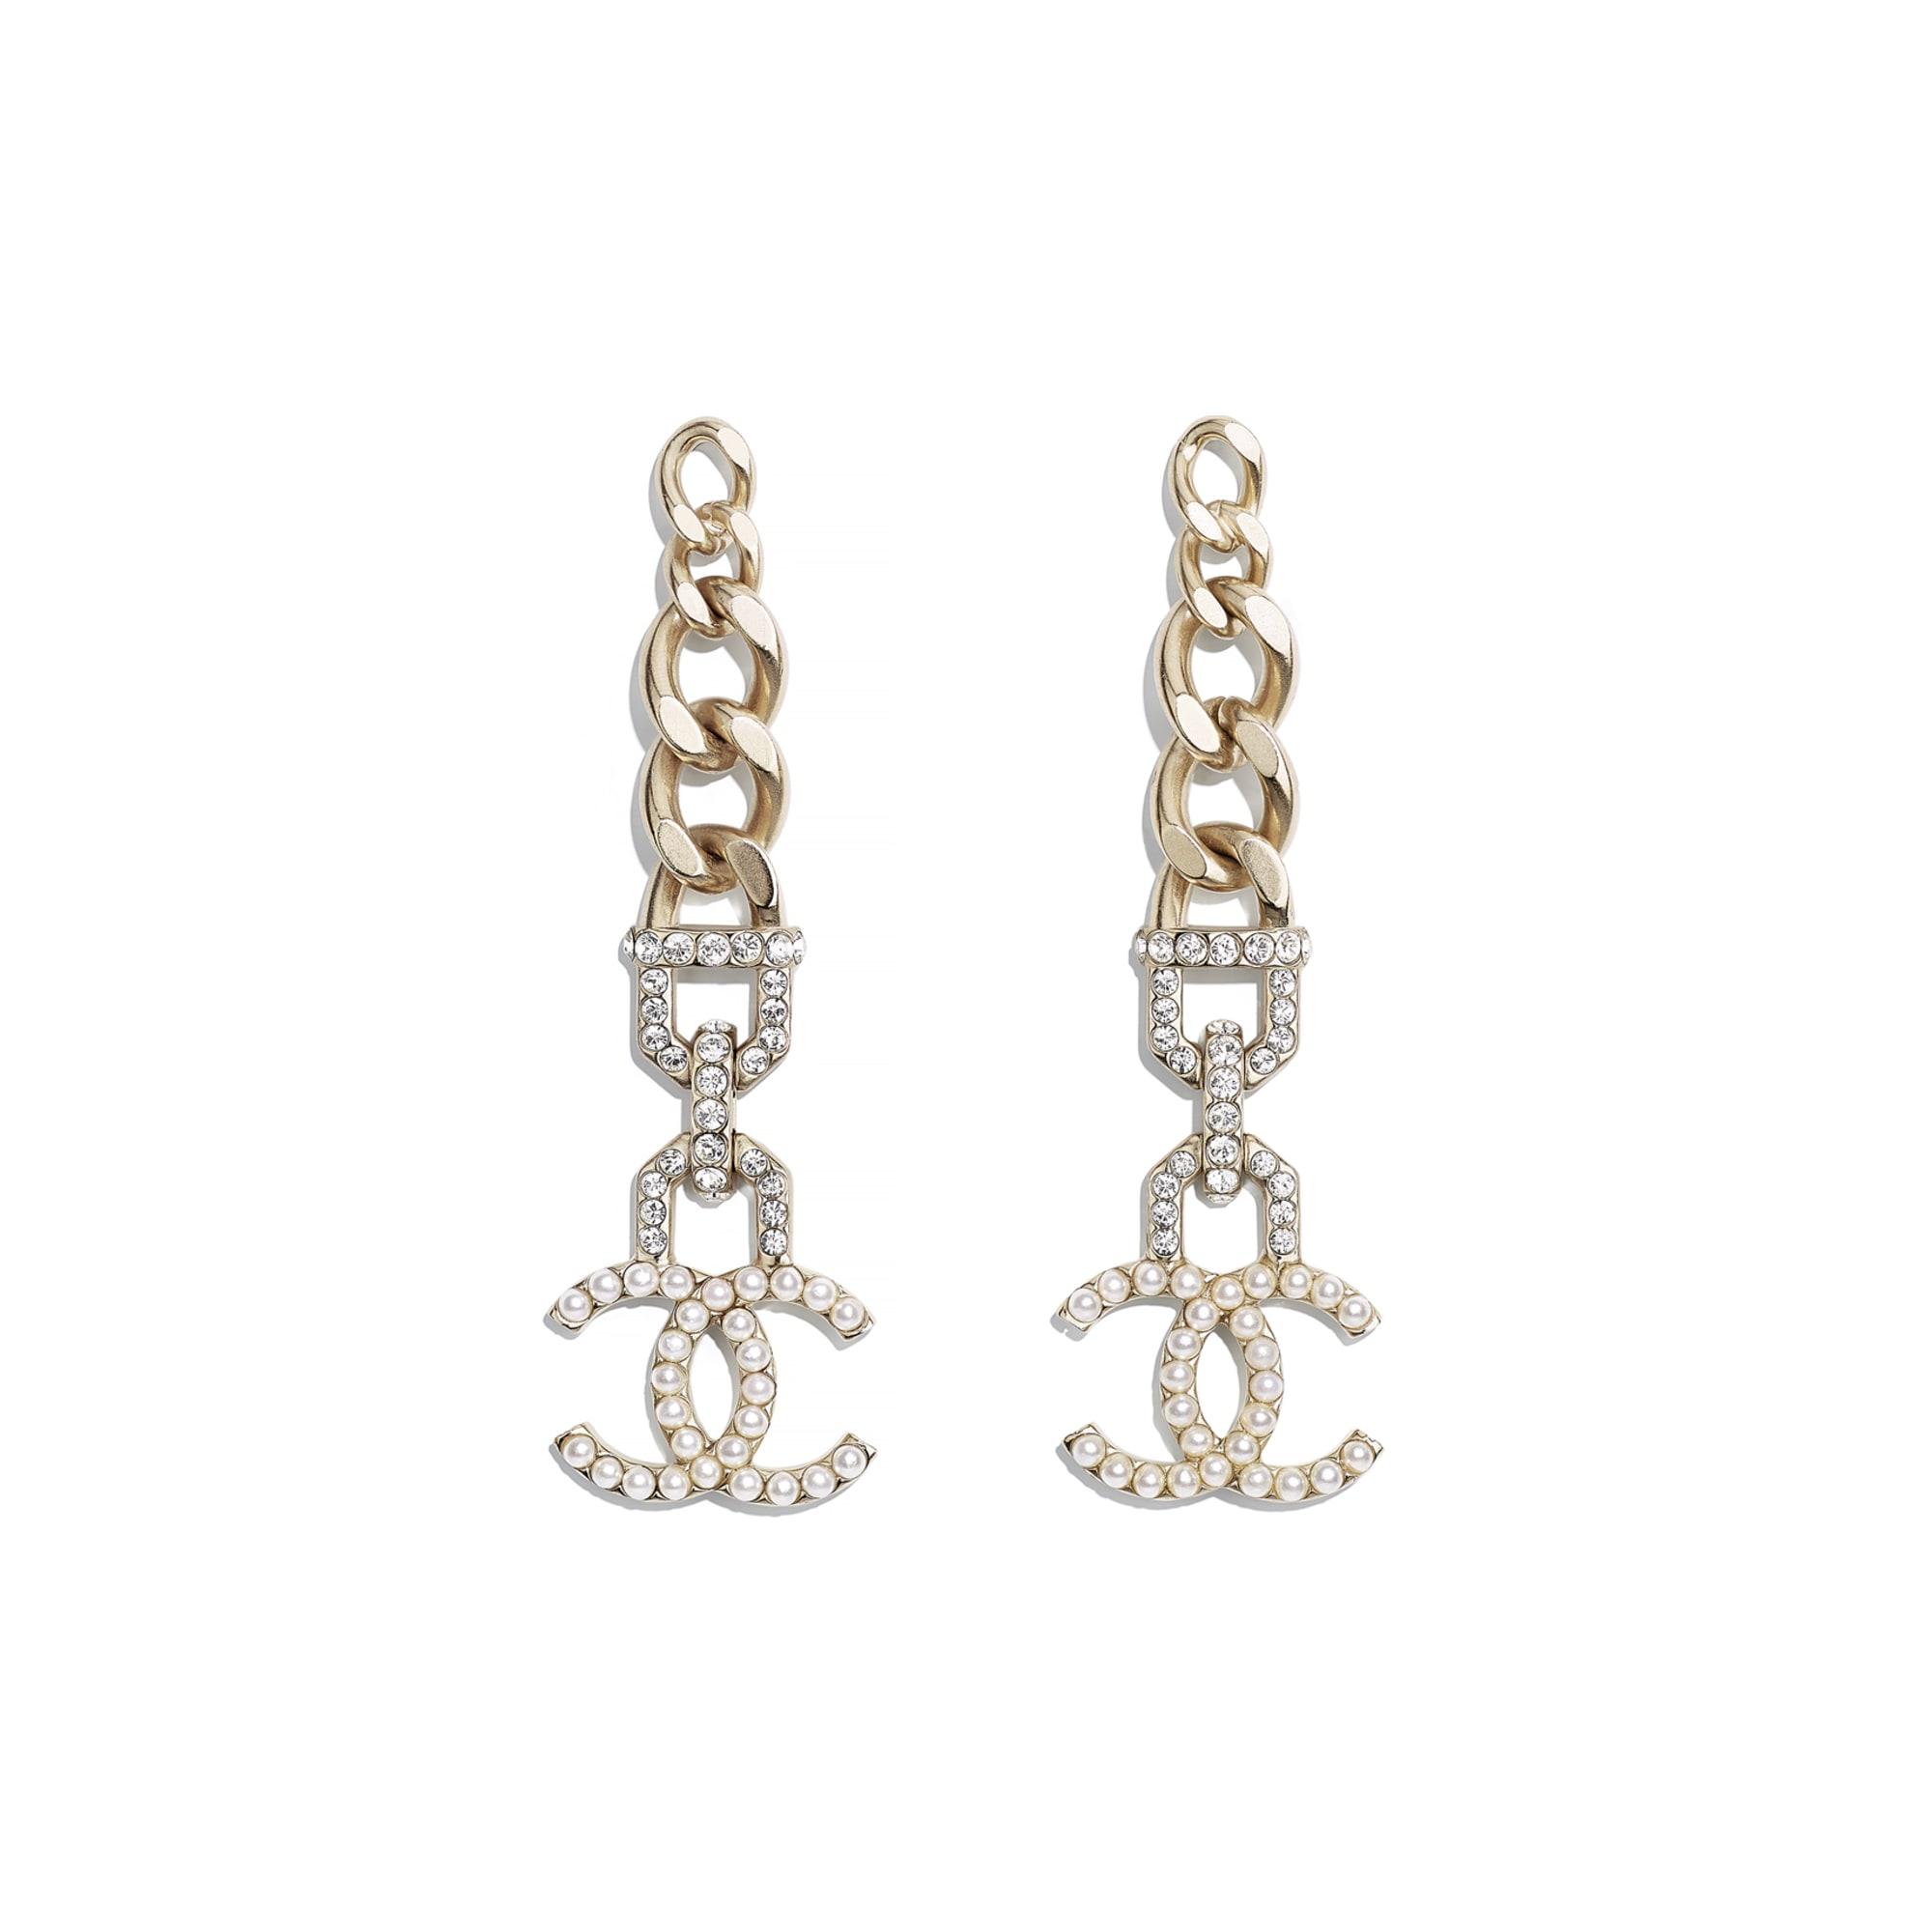 耳環 - 金、珍珠白及水晶色 - 金屬、仿珍珠及水晶 - CHANEL - 預設視圖 - 查看標準尺寸版本